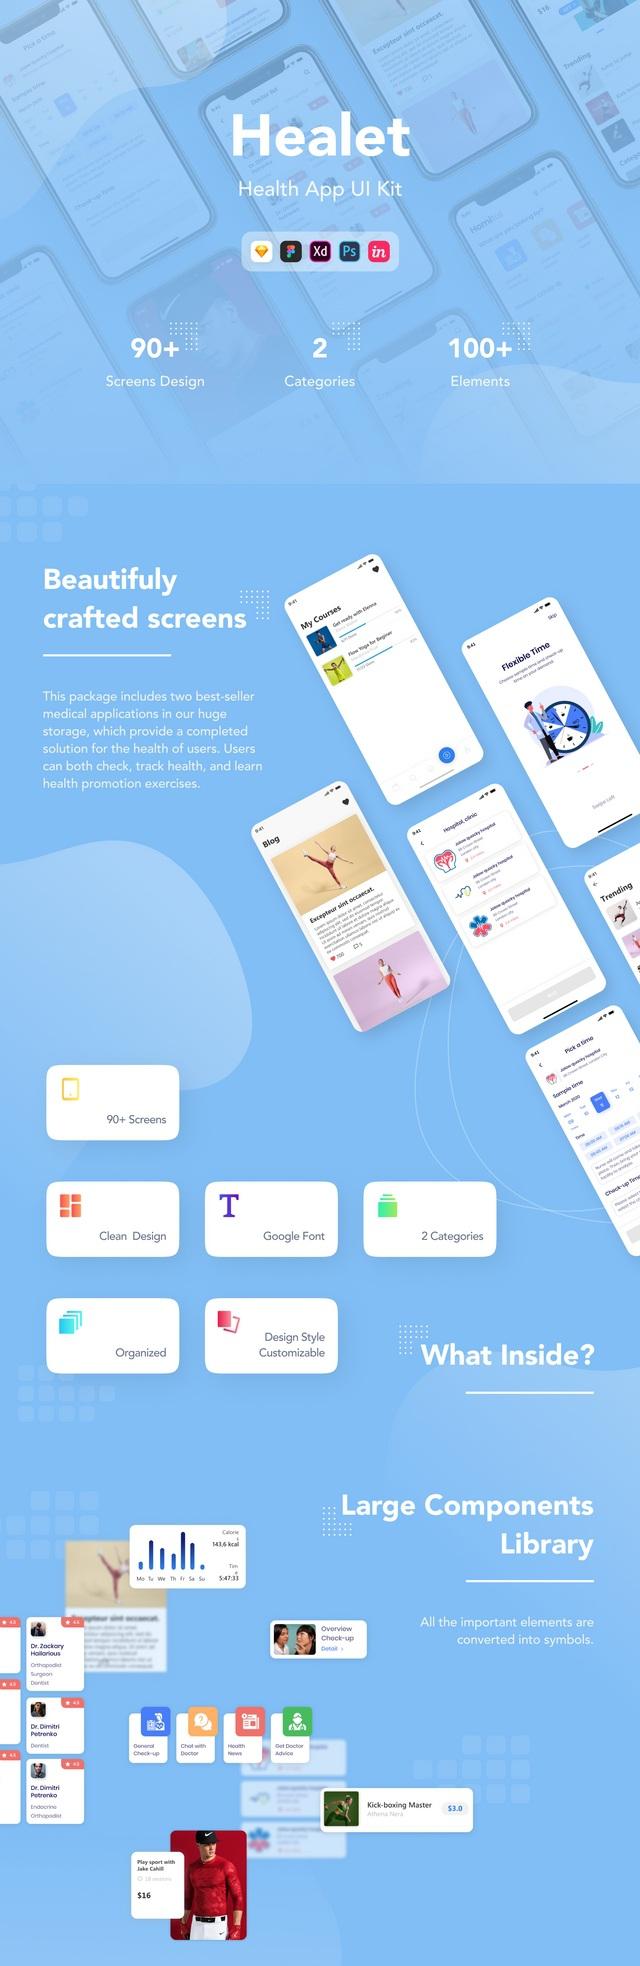 Health App UI Kit